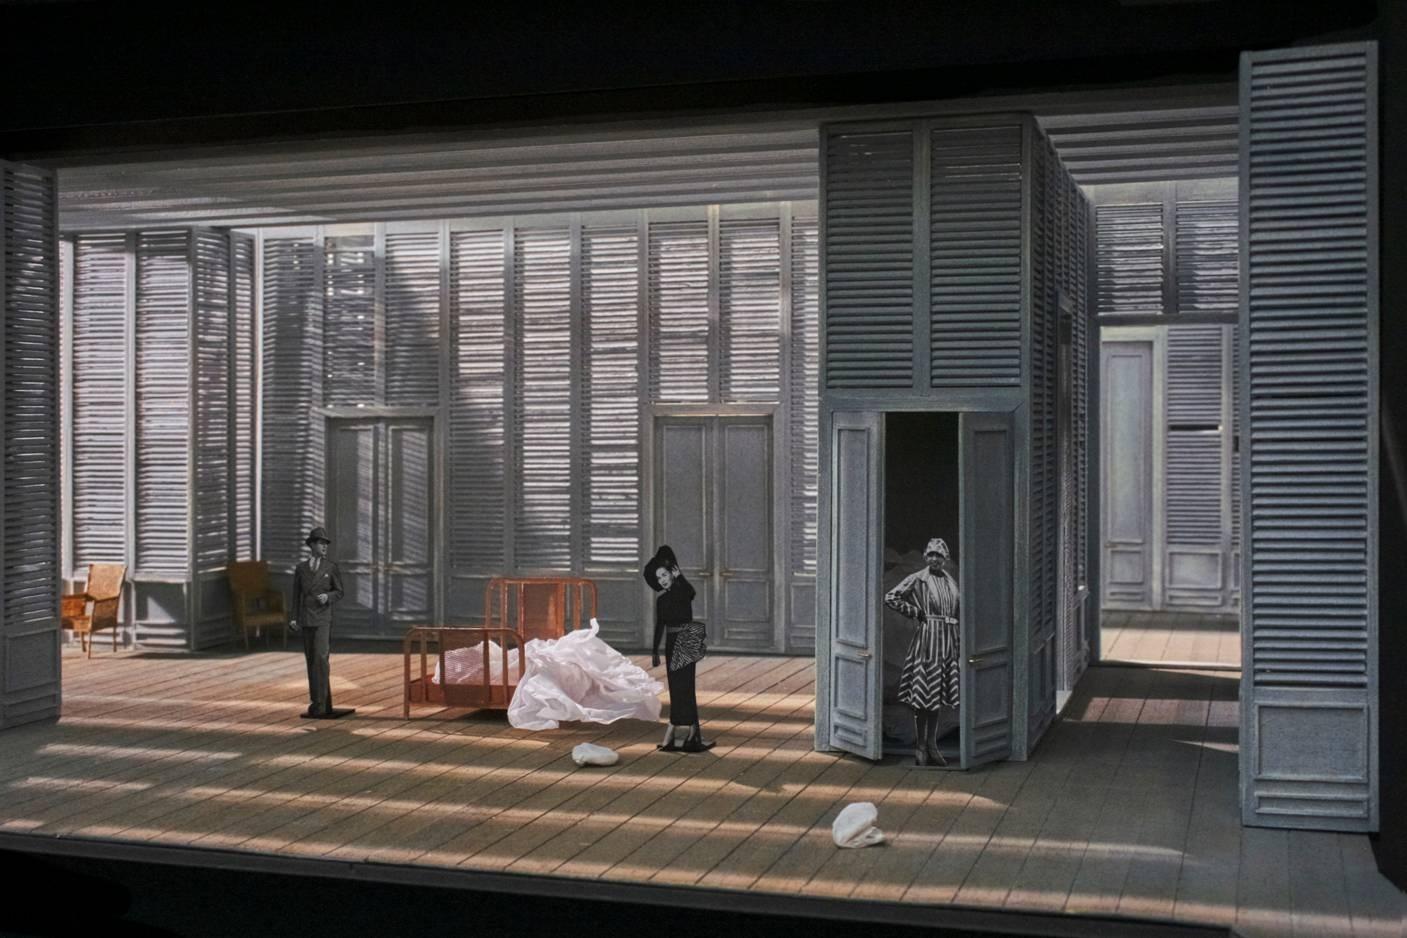 Le nozze di Figaro - Bühnenbildmodell von Magdalena Gut